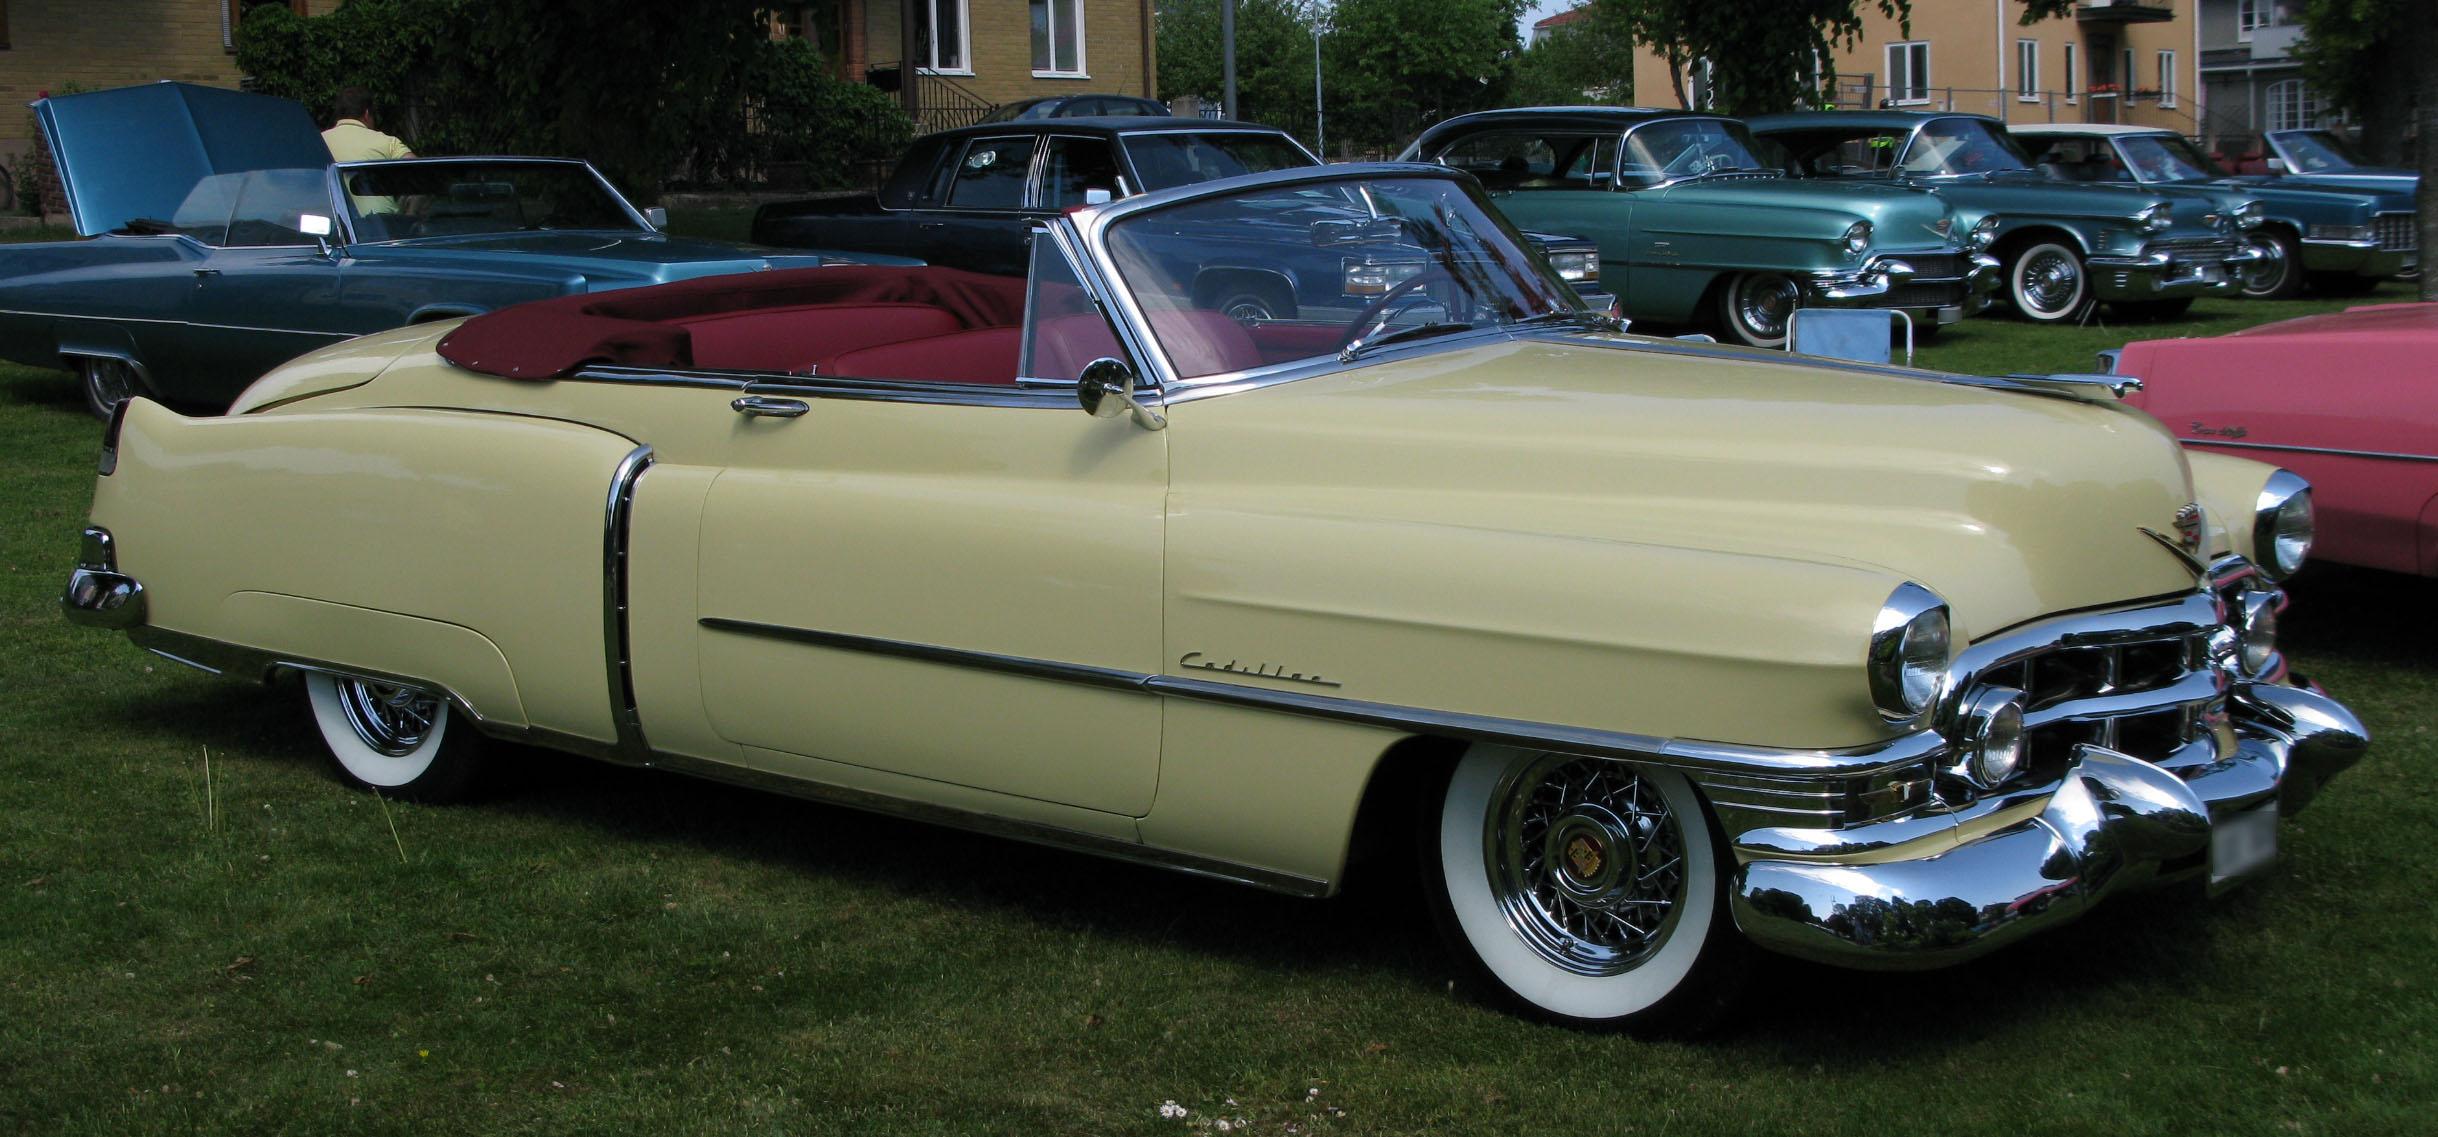 1952_Cadillac_62_conv.jpg